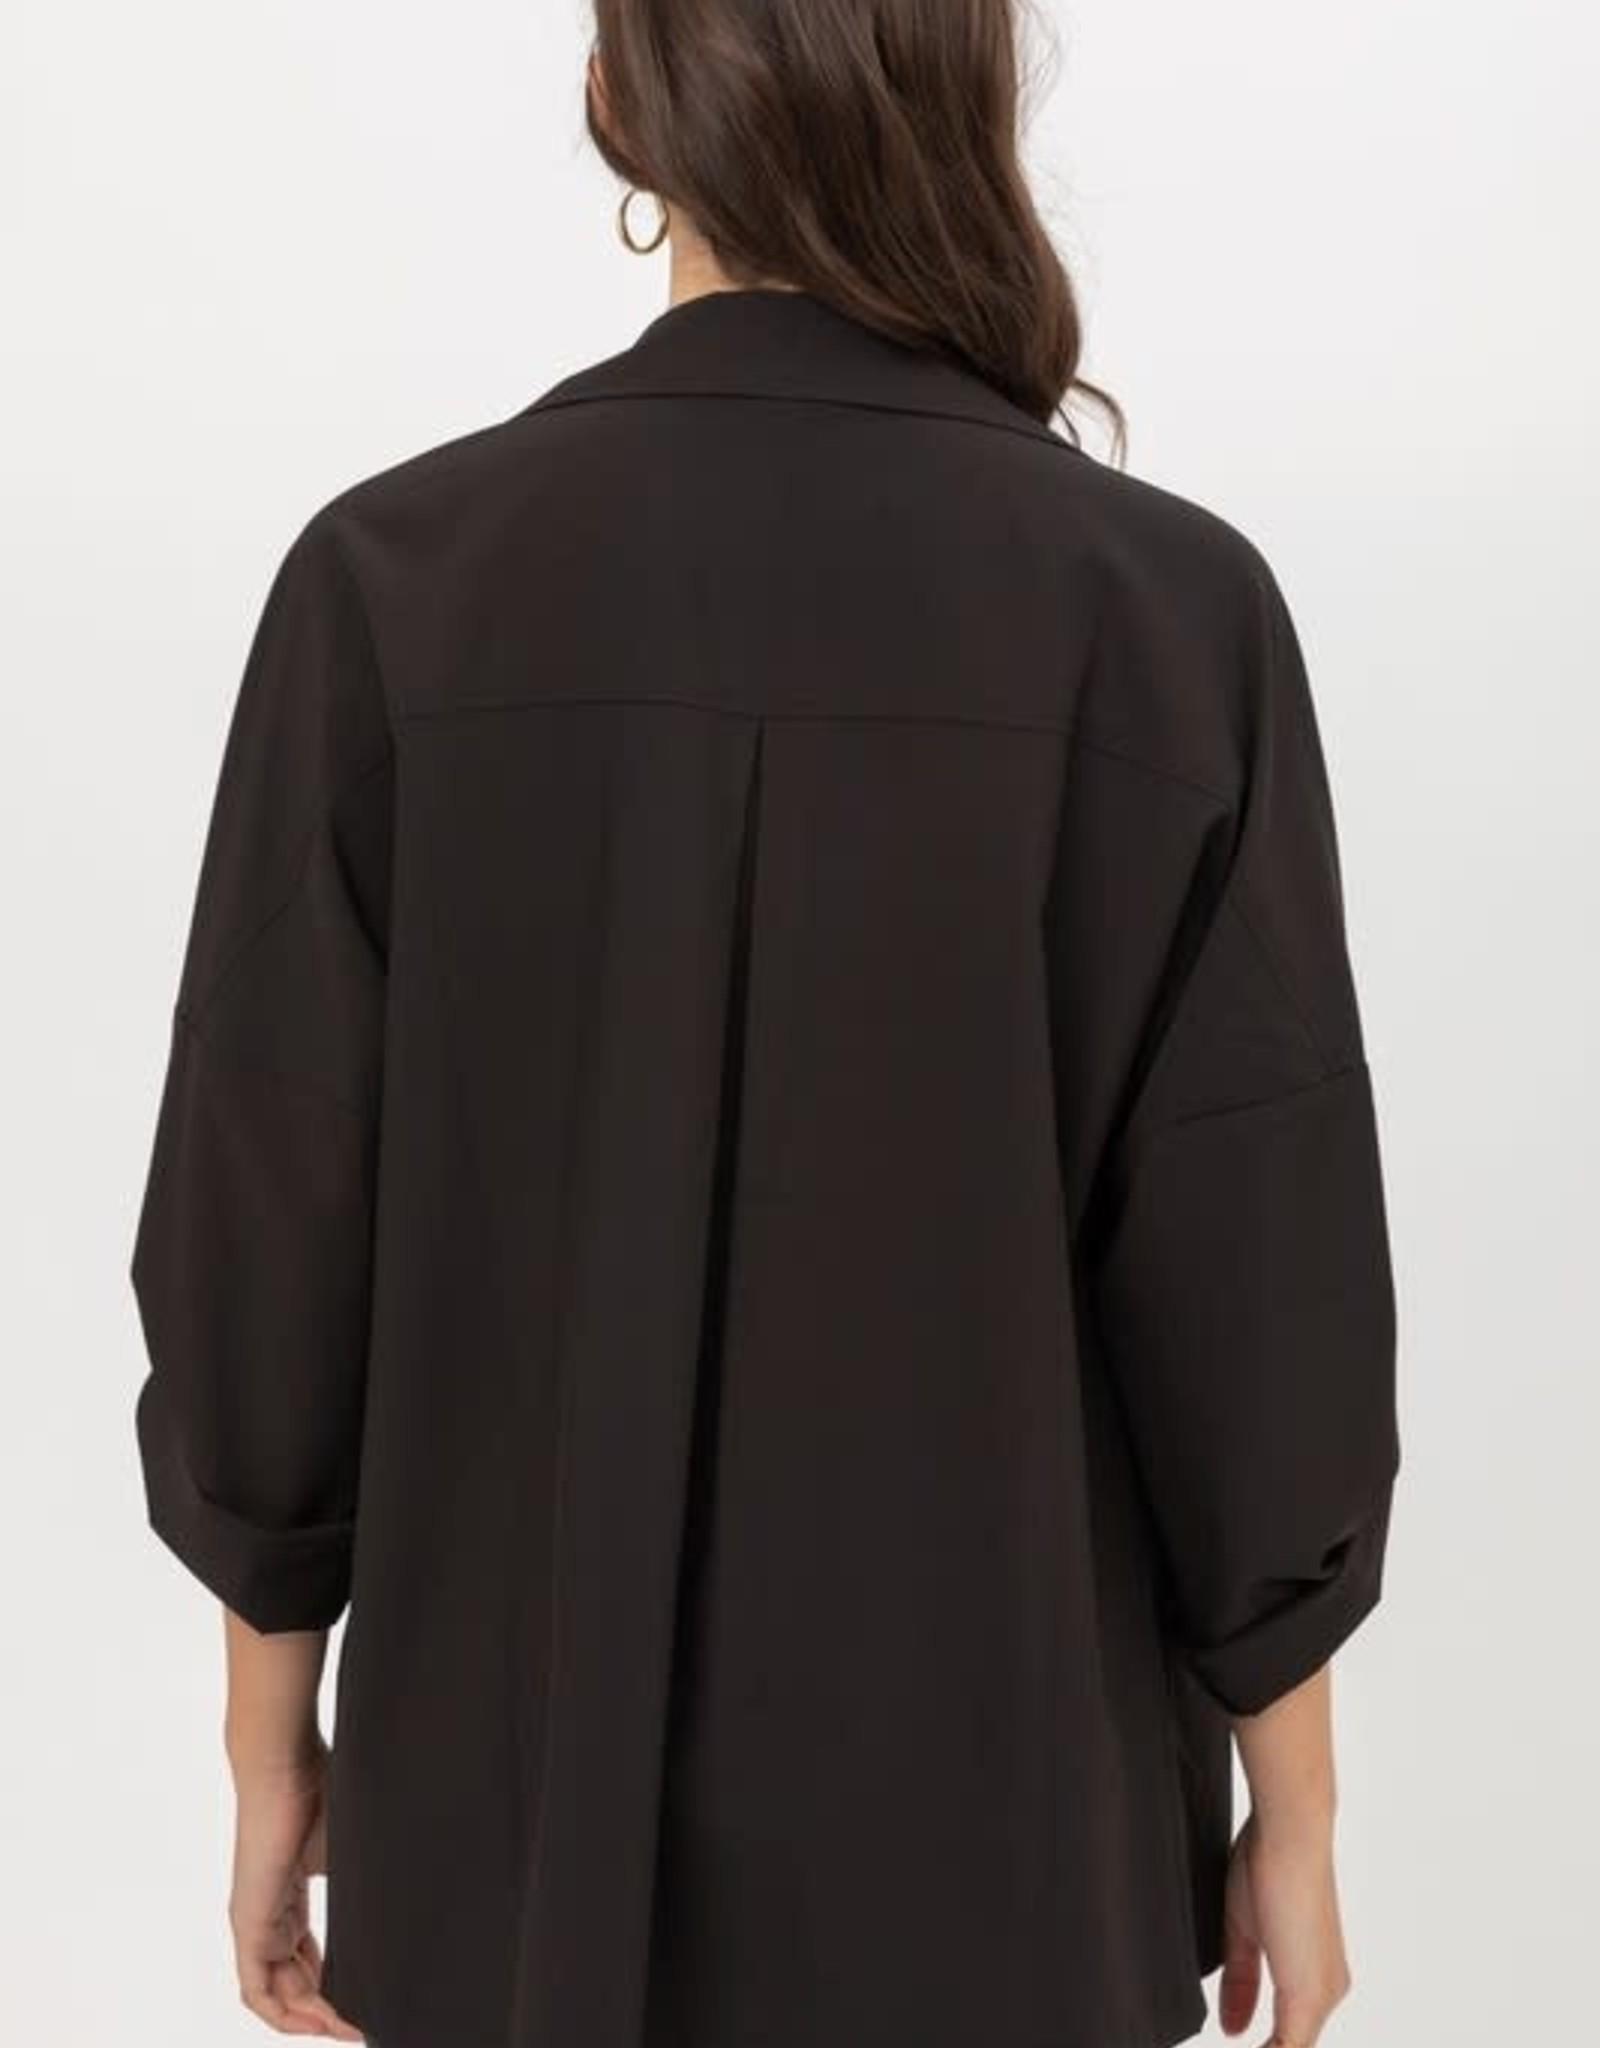 Miss Bliss Woven Draped Lapel Jacket- Black